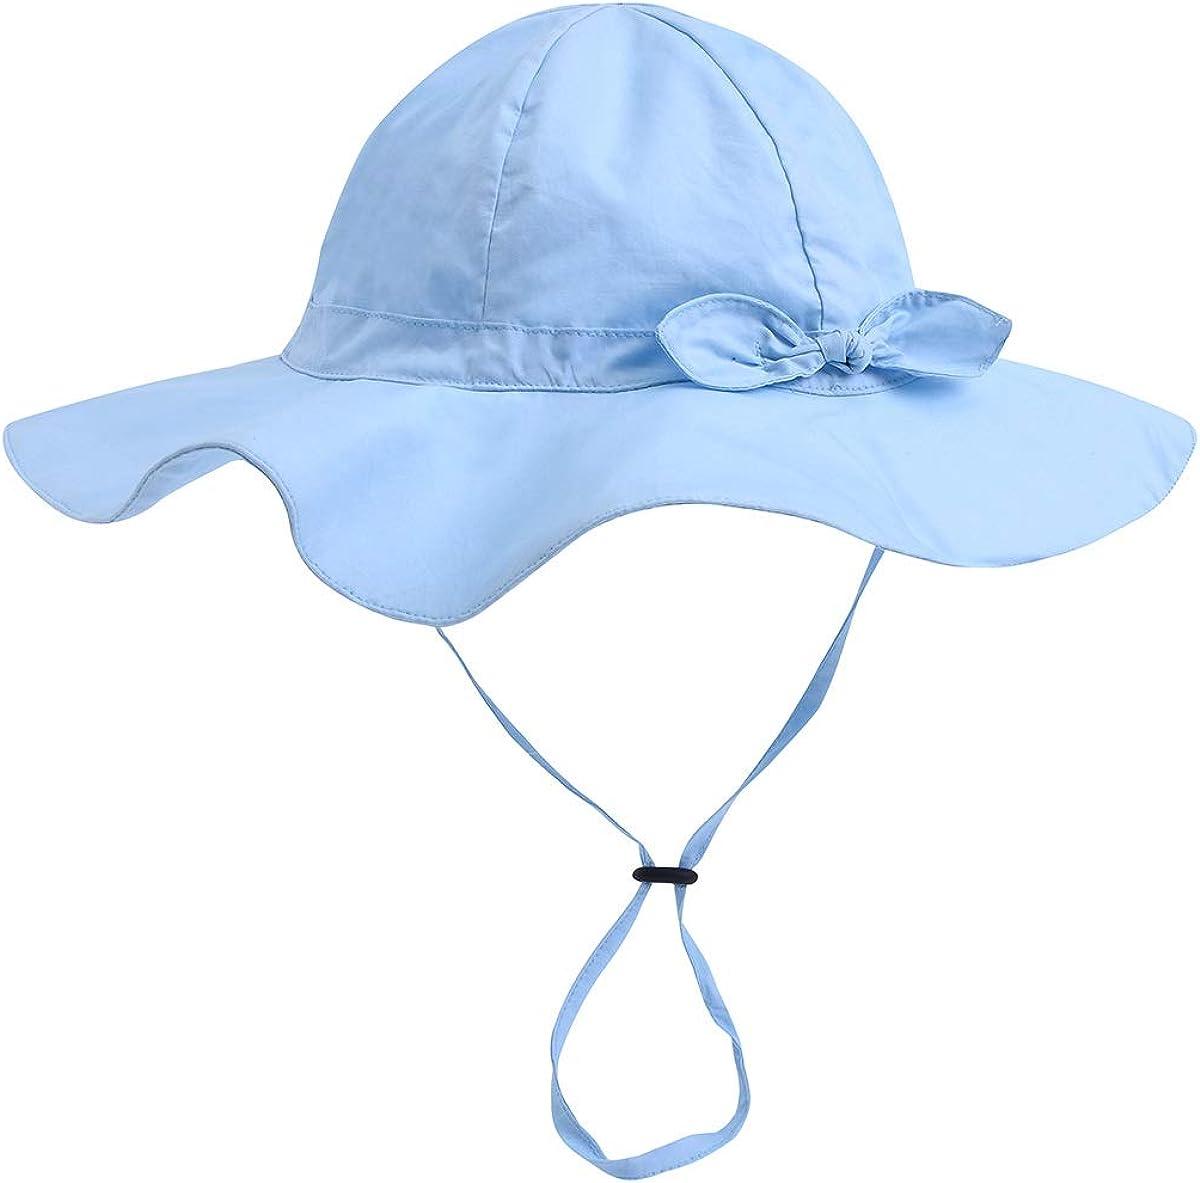 Eurobuy Cappello da sole per beb/è cappello da sole di bowknot Cappello da sole regolabile in tinta unita UPF 50 per lescursione allaperto in spiaggia